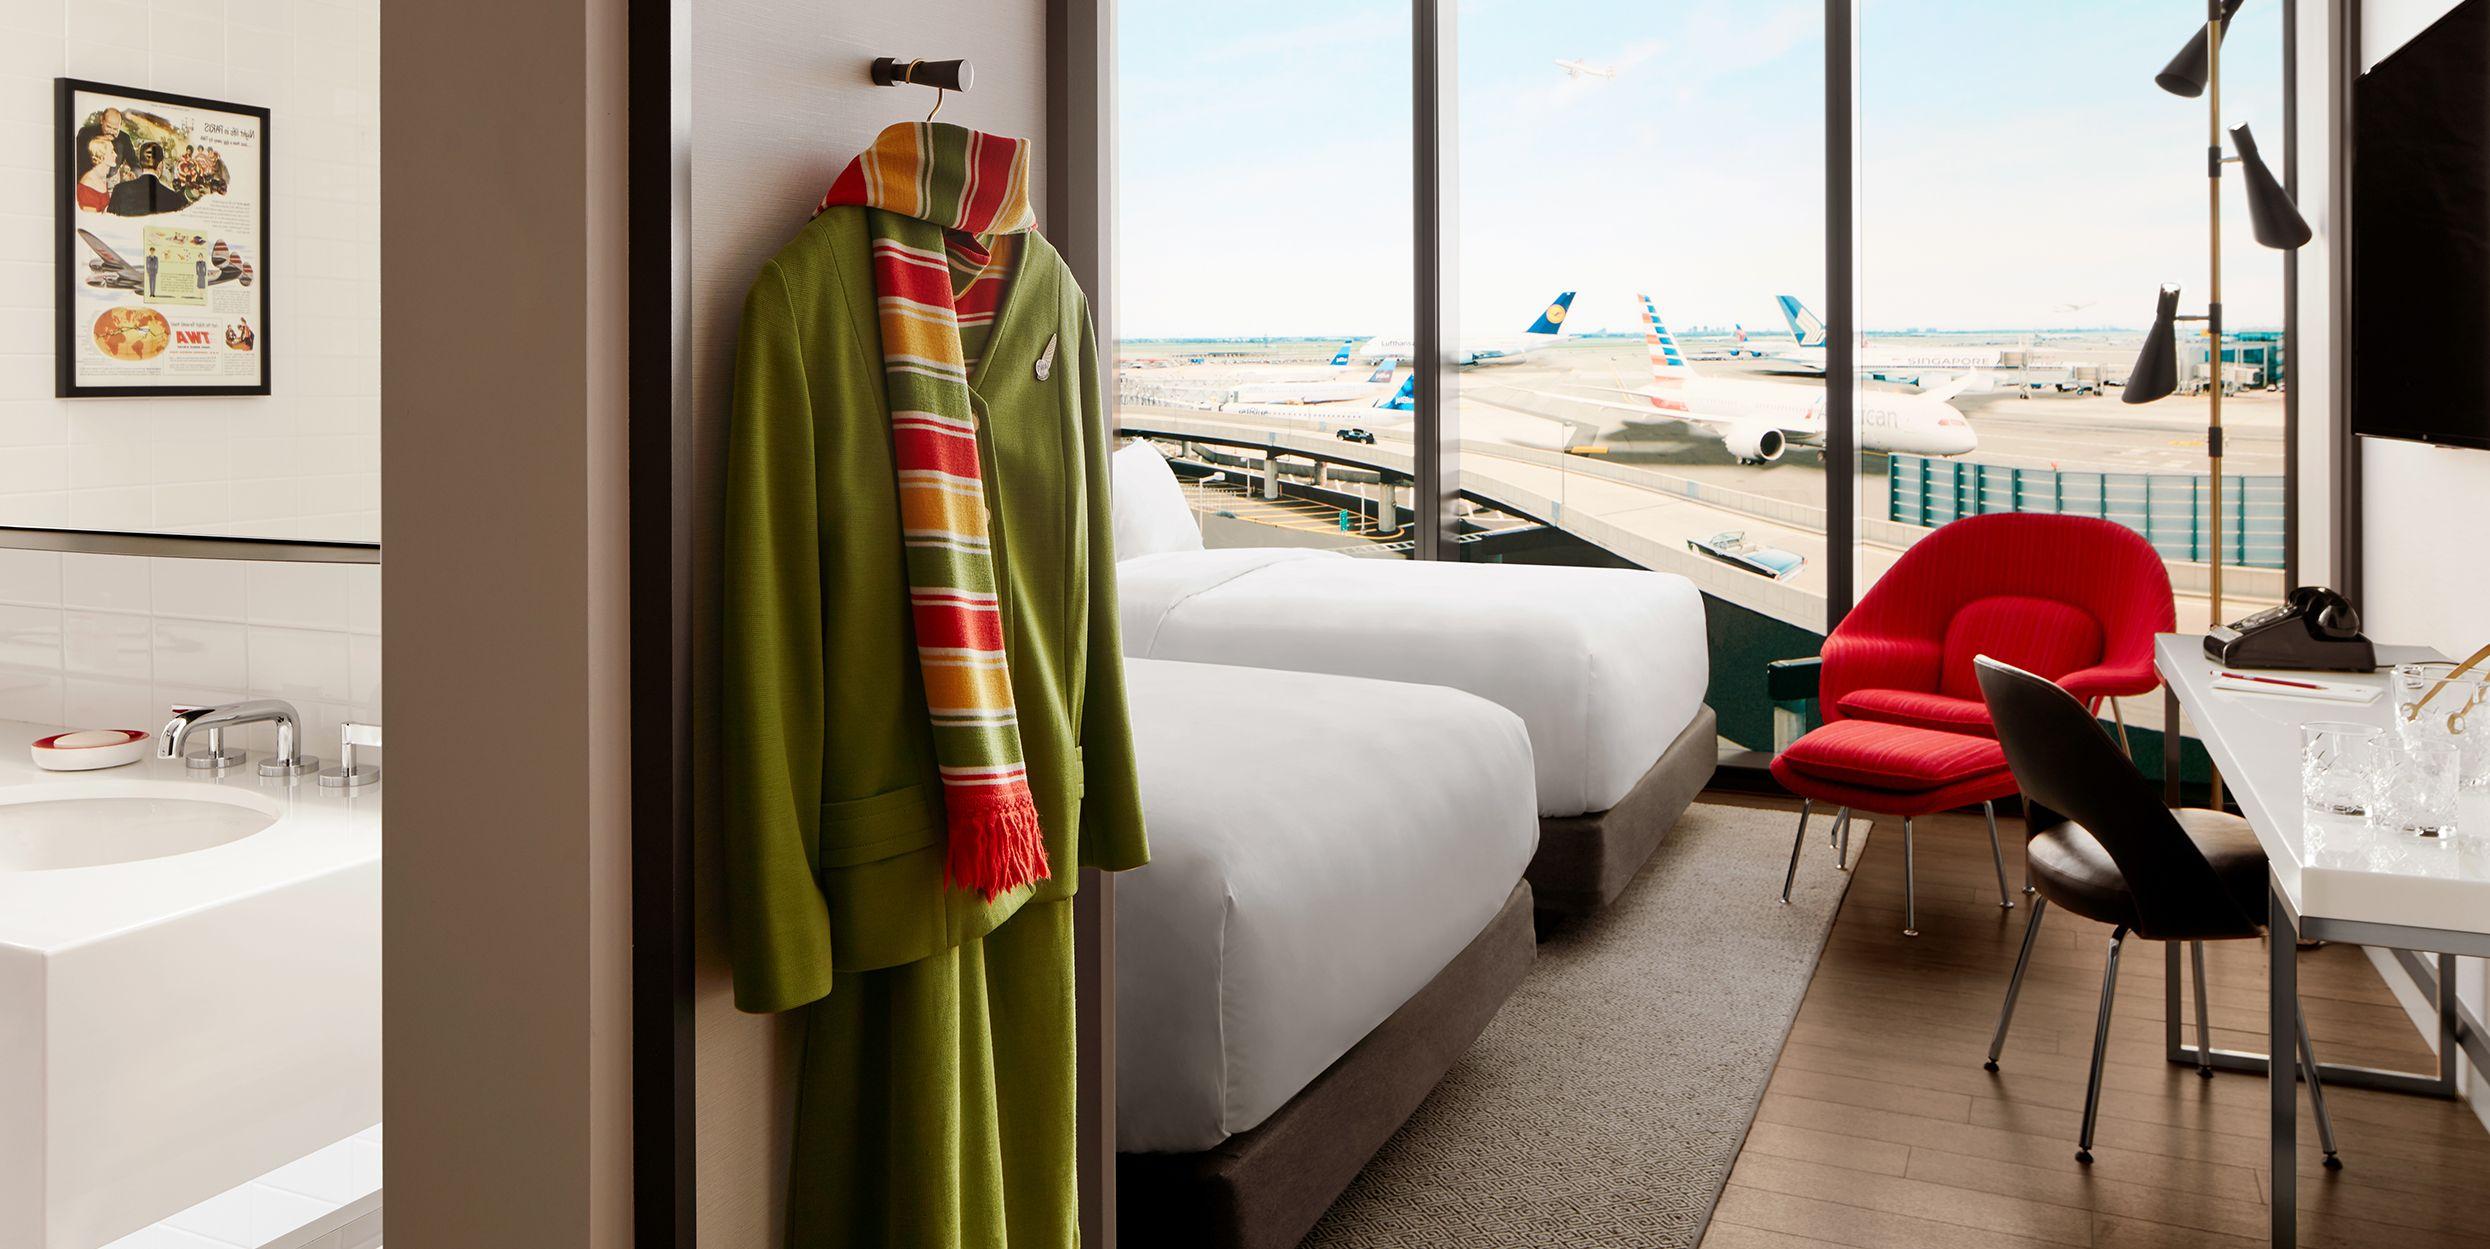 TWA Hotel: il terminal dell'aeroporto JFK di New York, progettato da Eero Saarinen, oggi è un hotel